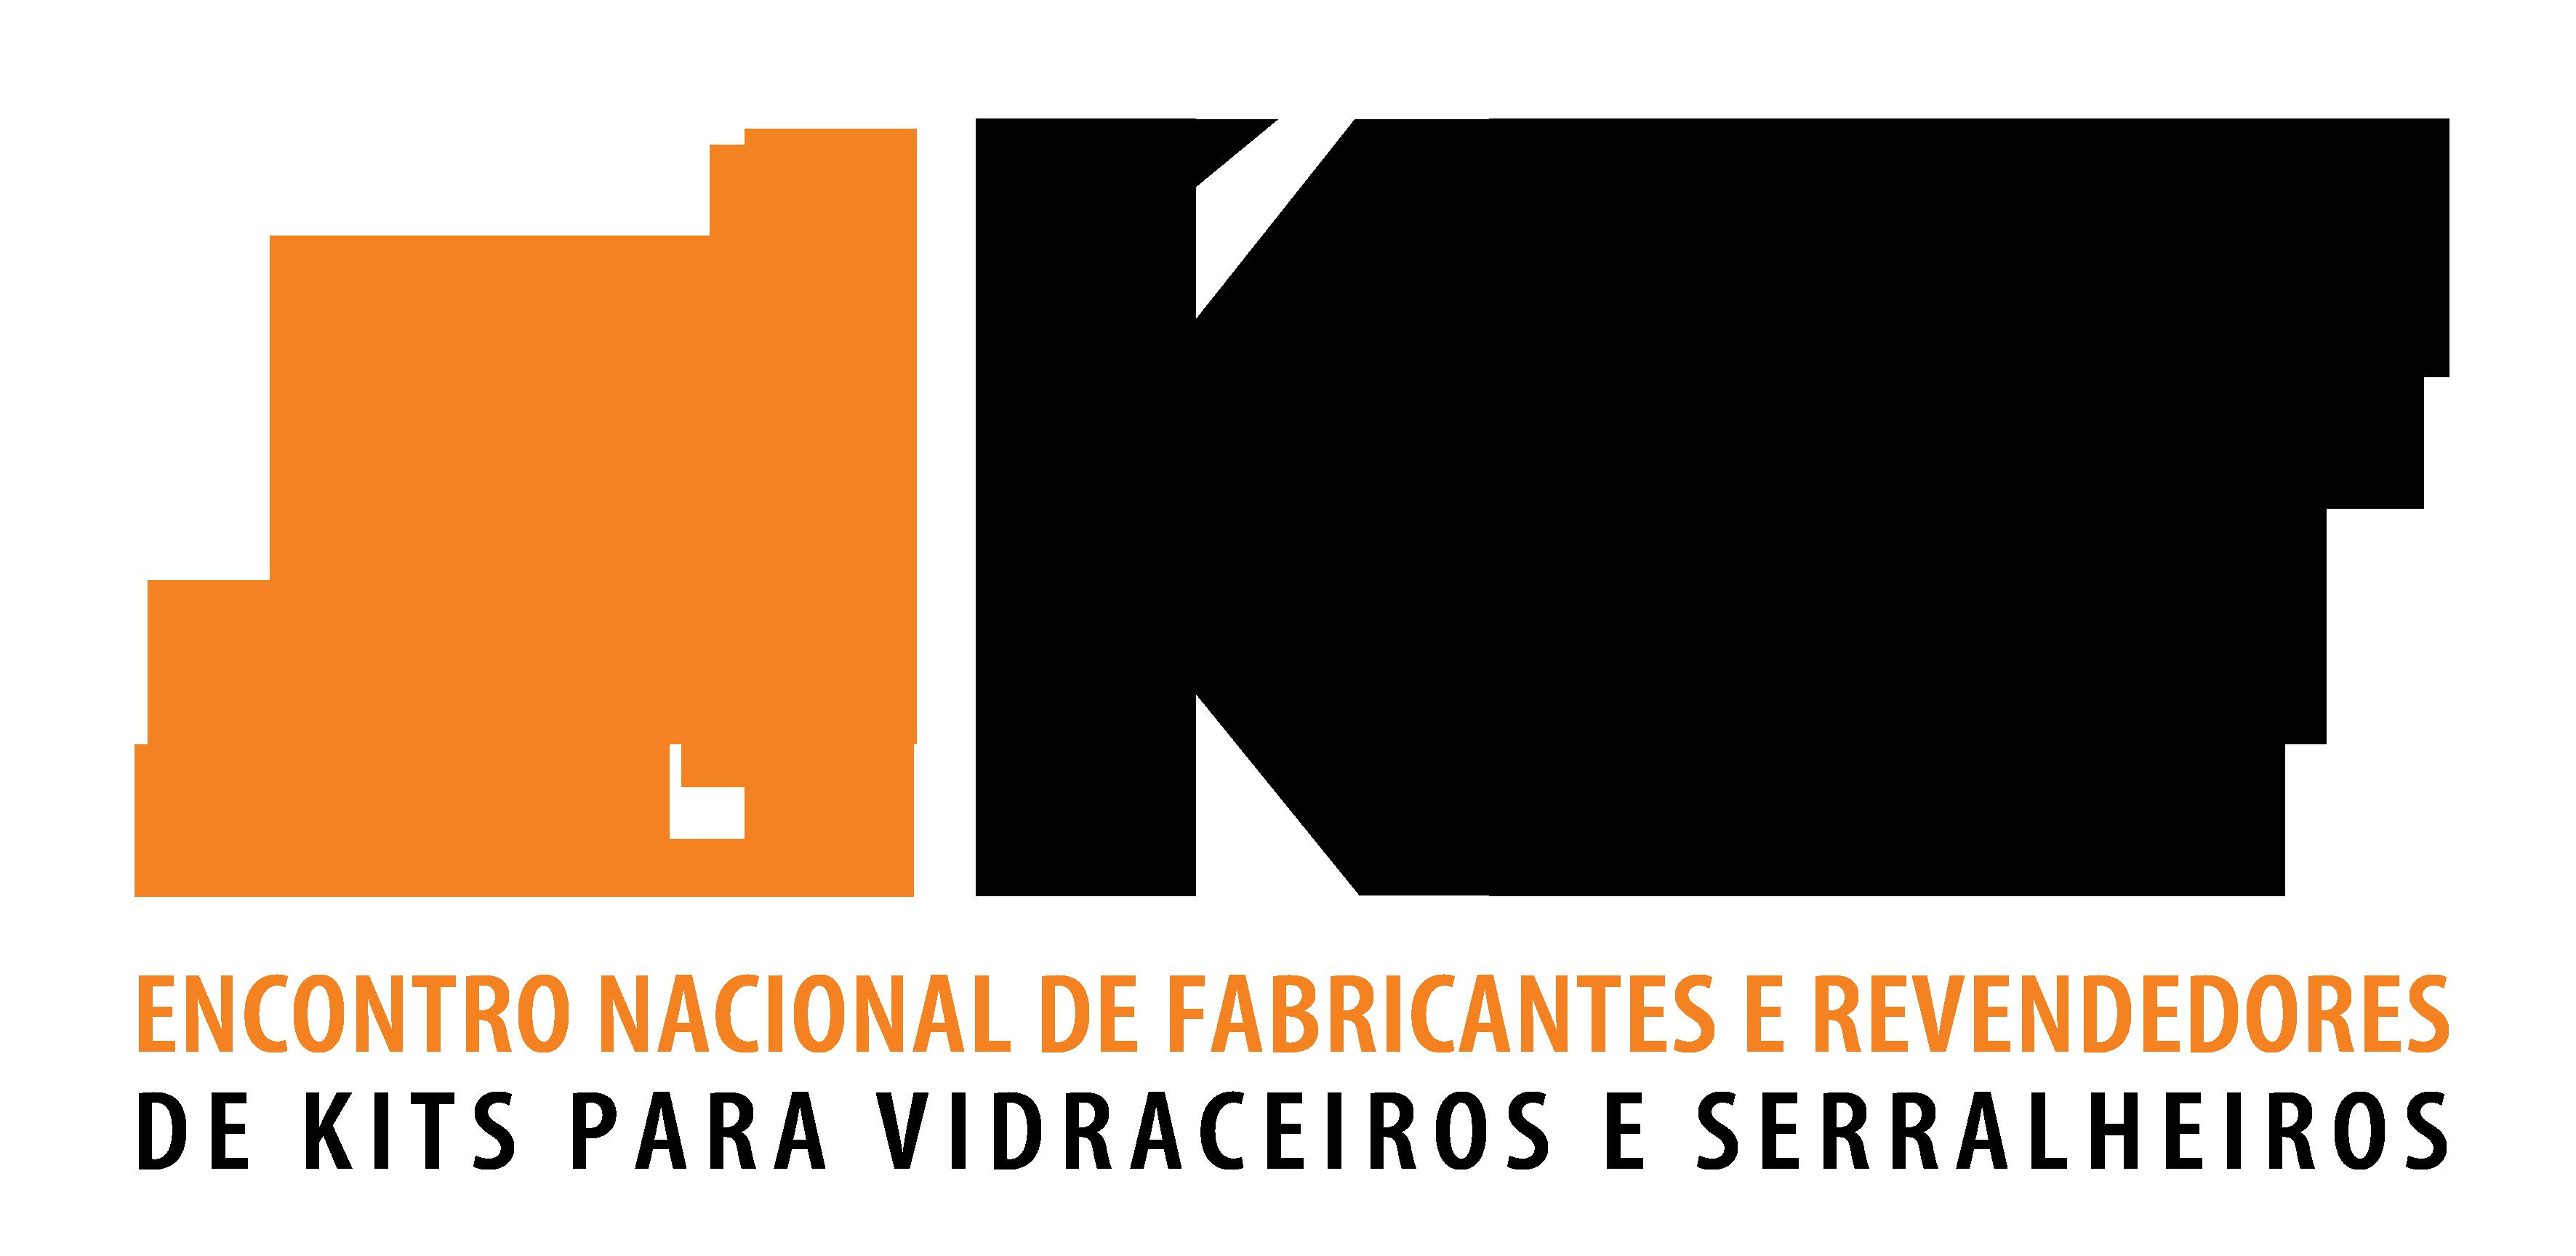 FABRICANTES E REVENDEDORES DE KITS PARTICIPAM DE ENCONTRO